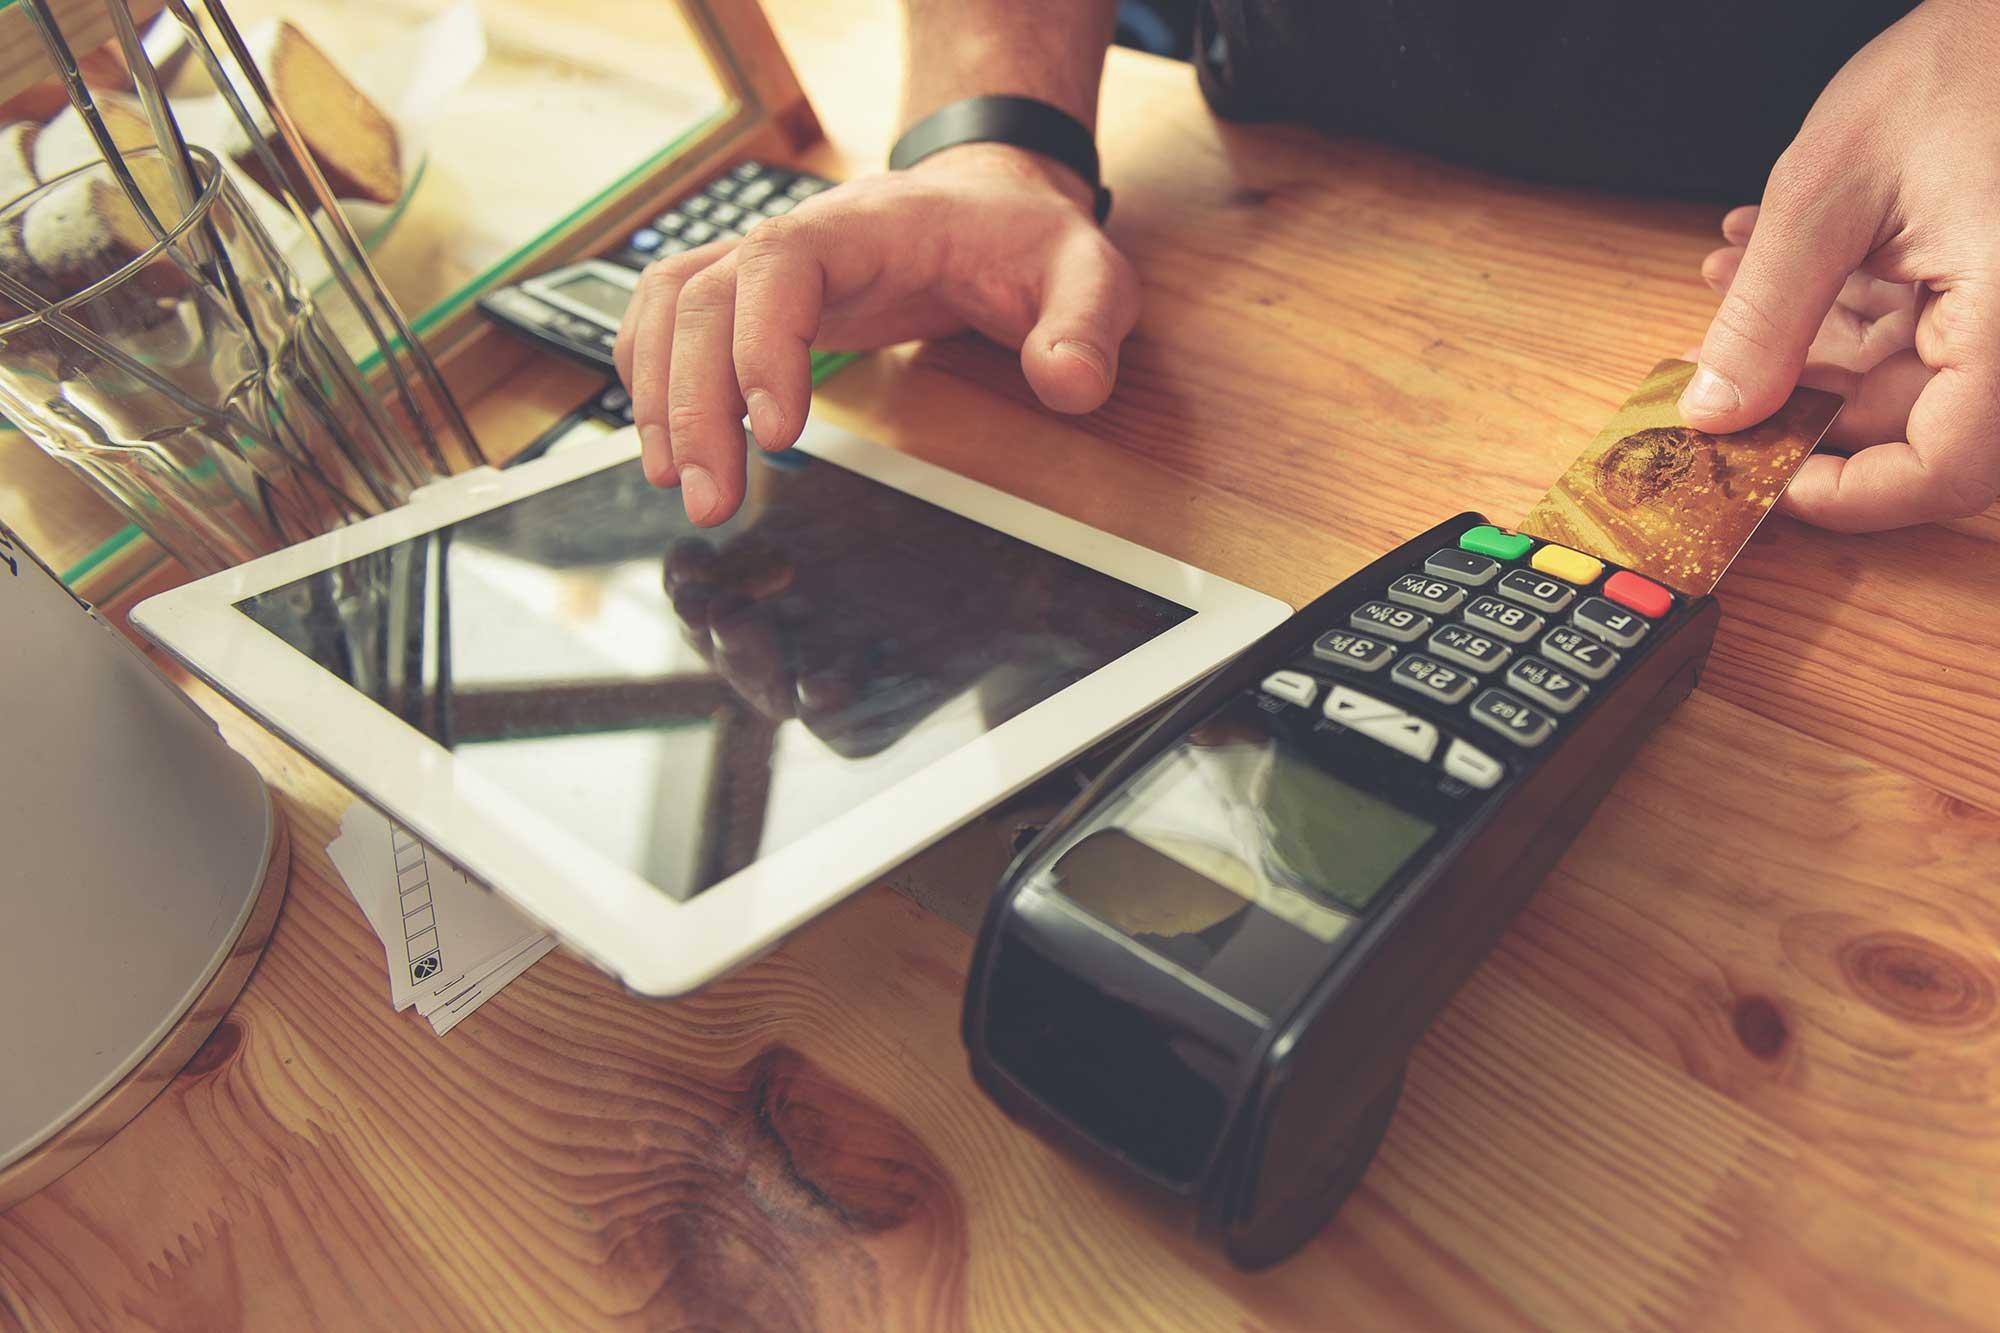 モバイルPOSレジのメリット・デメリット